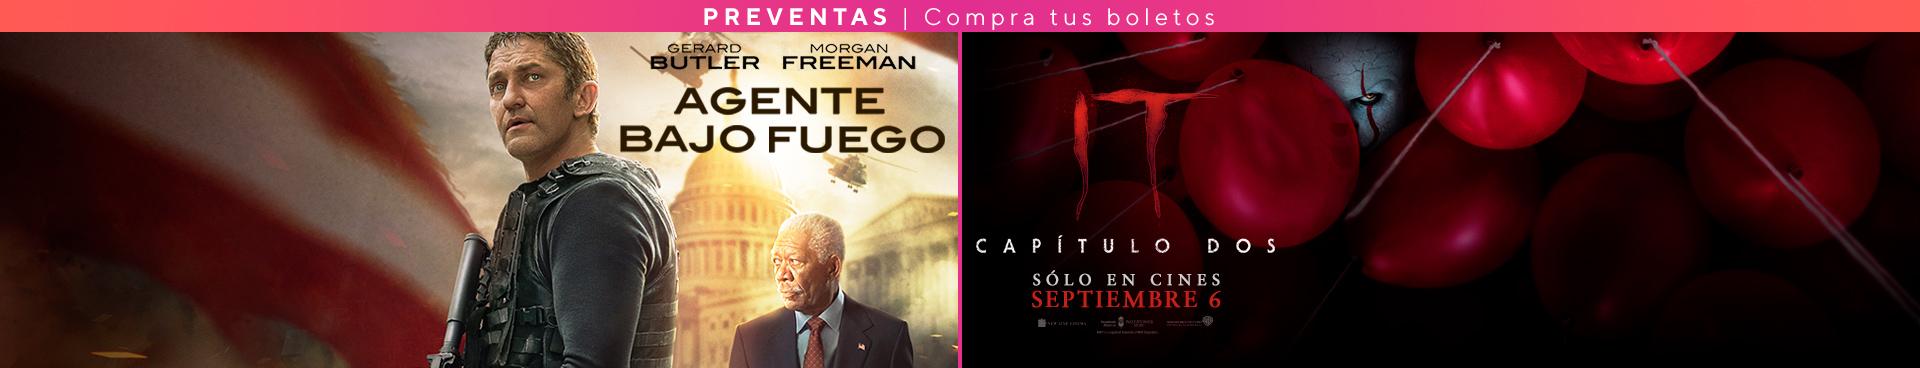 Preventa: Agente Bajo Fuego / IT